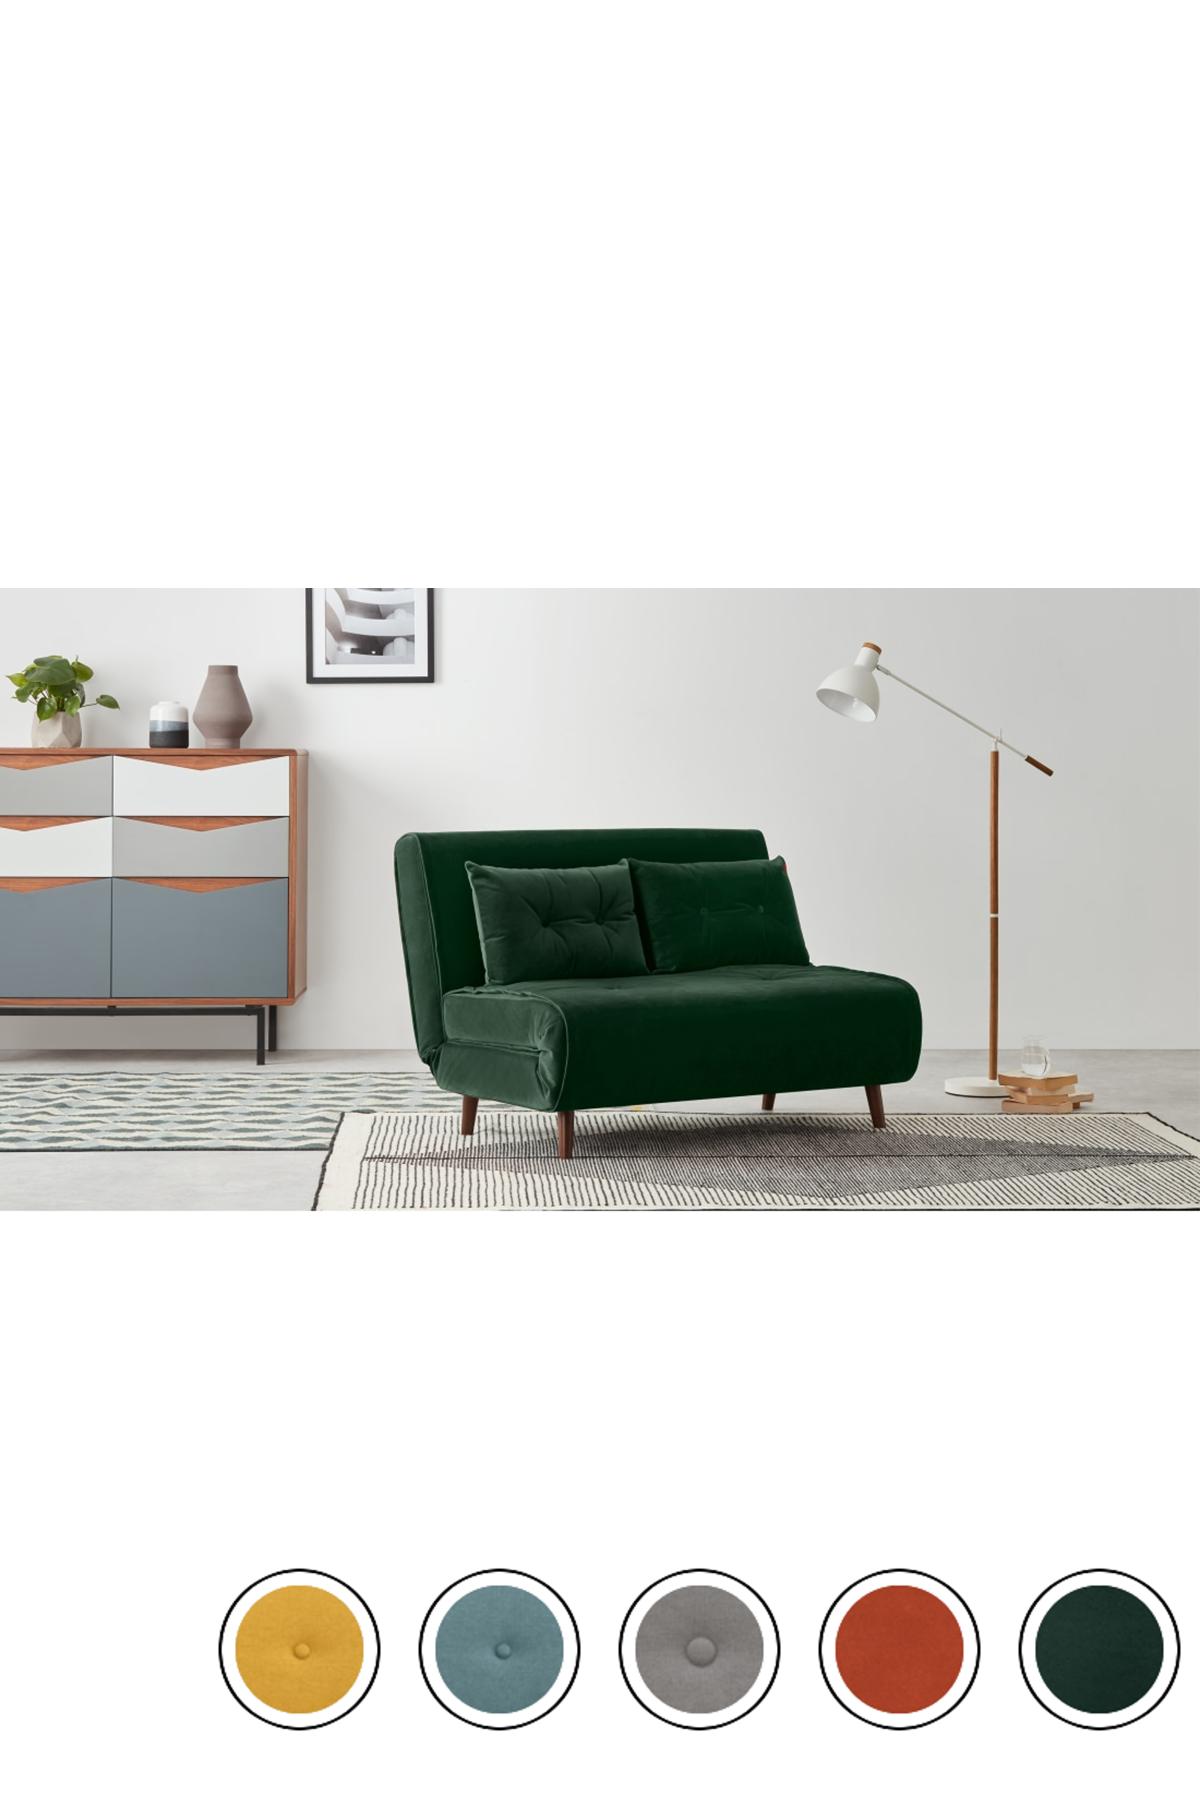 Haru Small Sofa Bed Pine Green Velvet Velvet Sofa Bed Small Sofa Sofa Bed